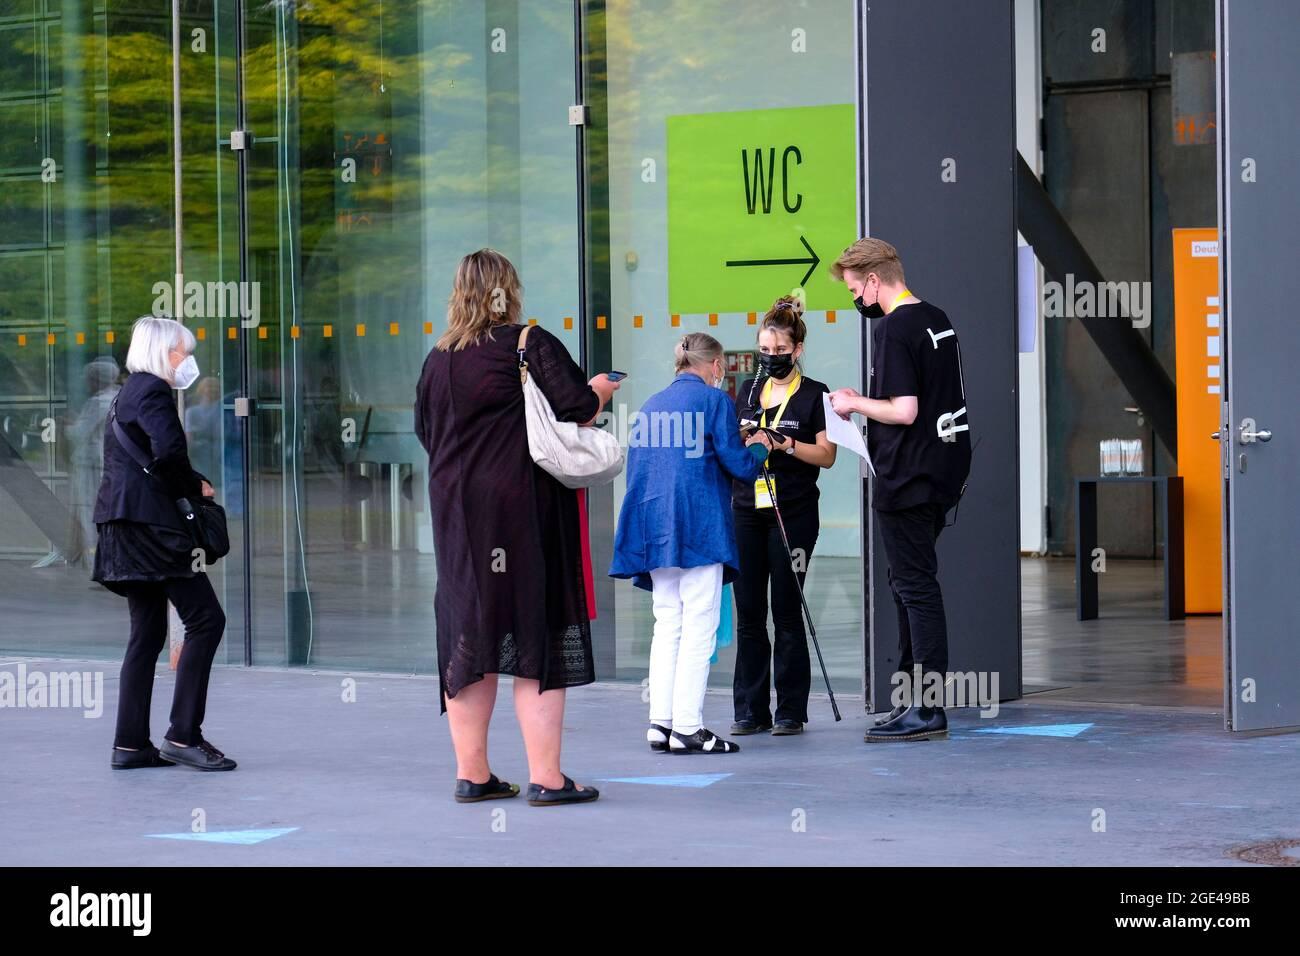 DEU, Deutschland, Nordrhein-Westfalen, Ruhrgebiet, Bochum, 15.08.2021: Neustart des Kulturbetriebes in Corona-Zeiten bei der Ruhrtriennale in Bochum a Stock Photo